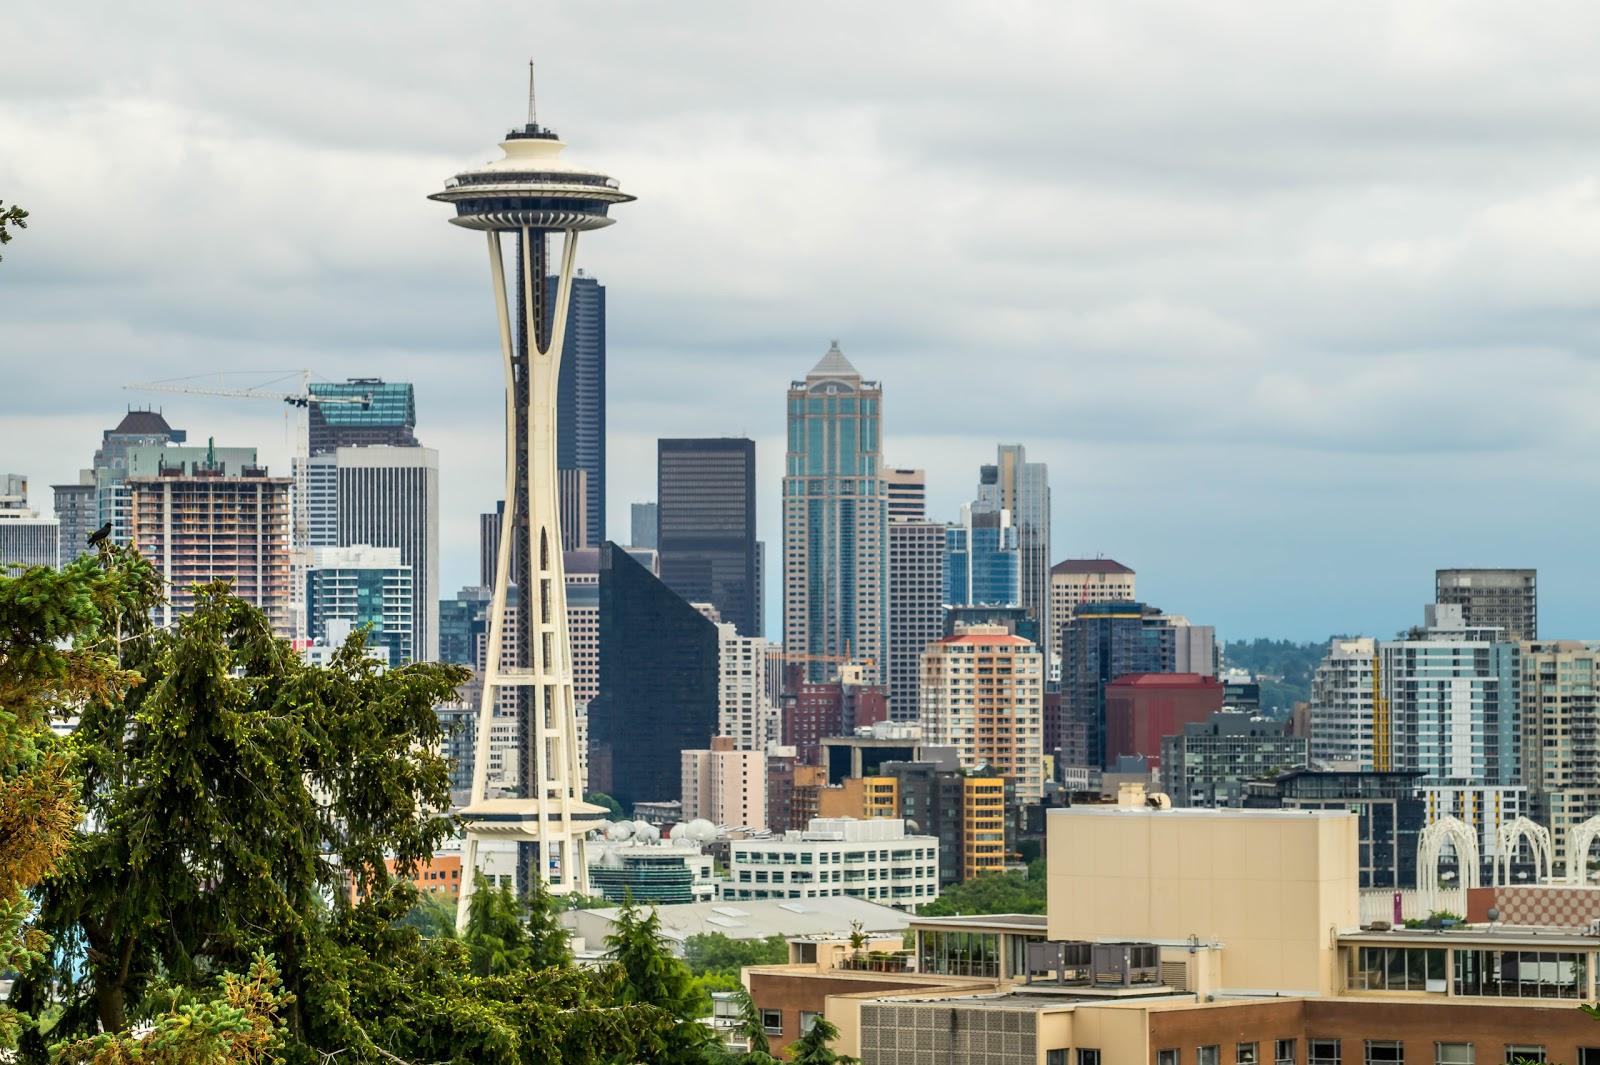 Сиэтл - один из крупнейших городов на западном побережье США, самый крупный город штата Вашингтон.